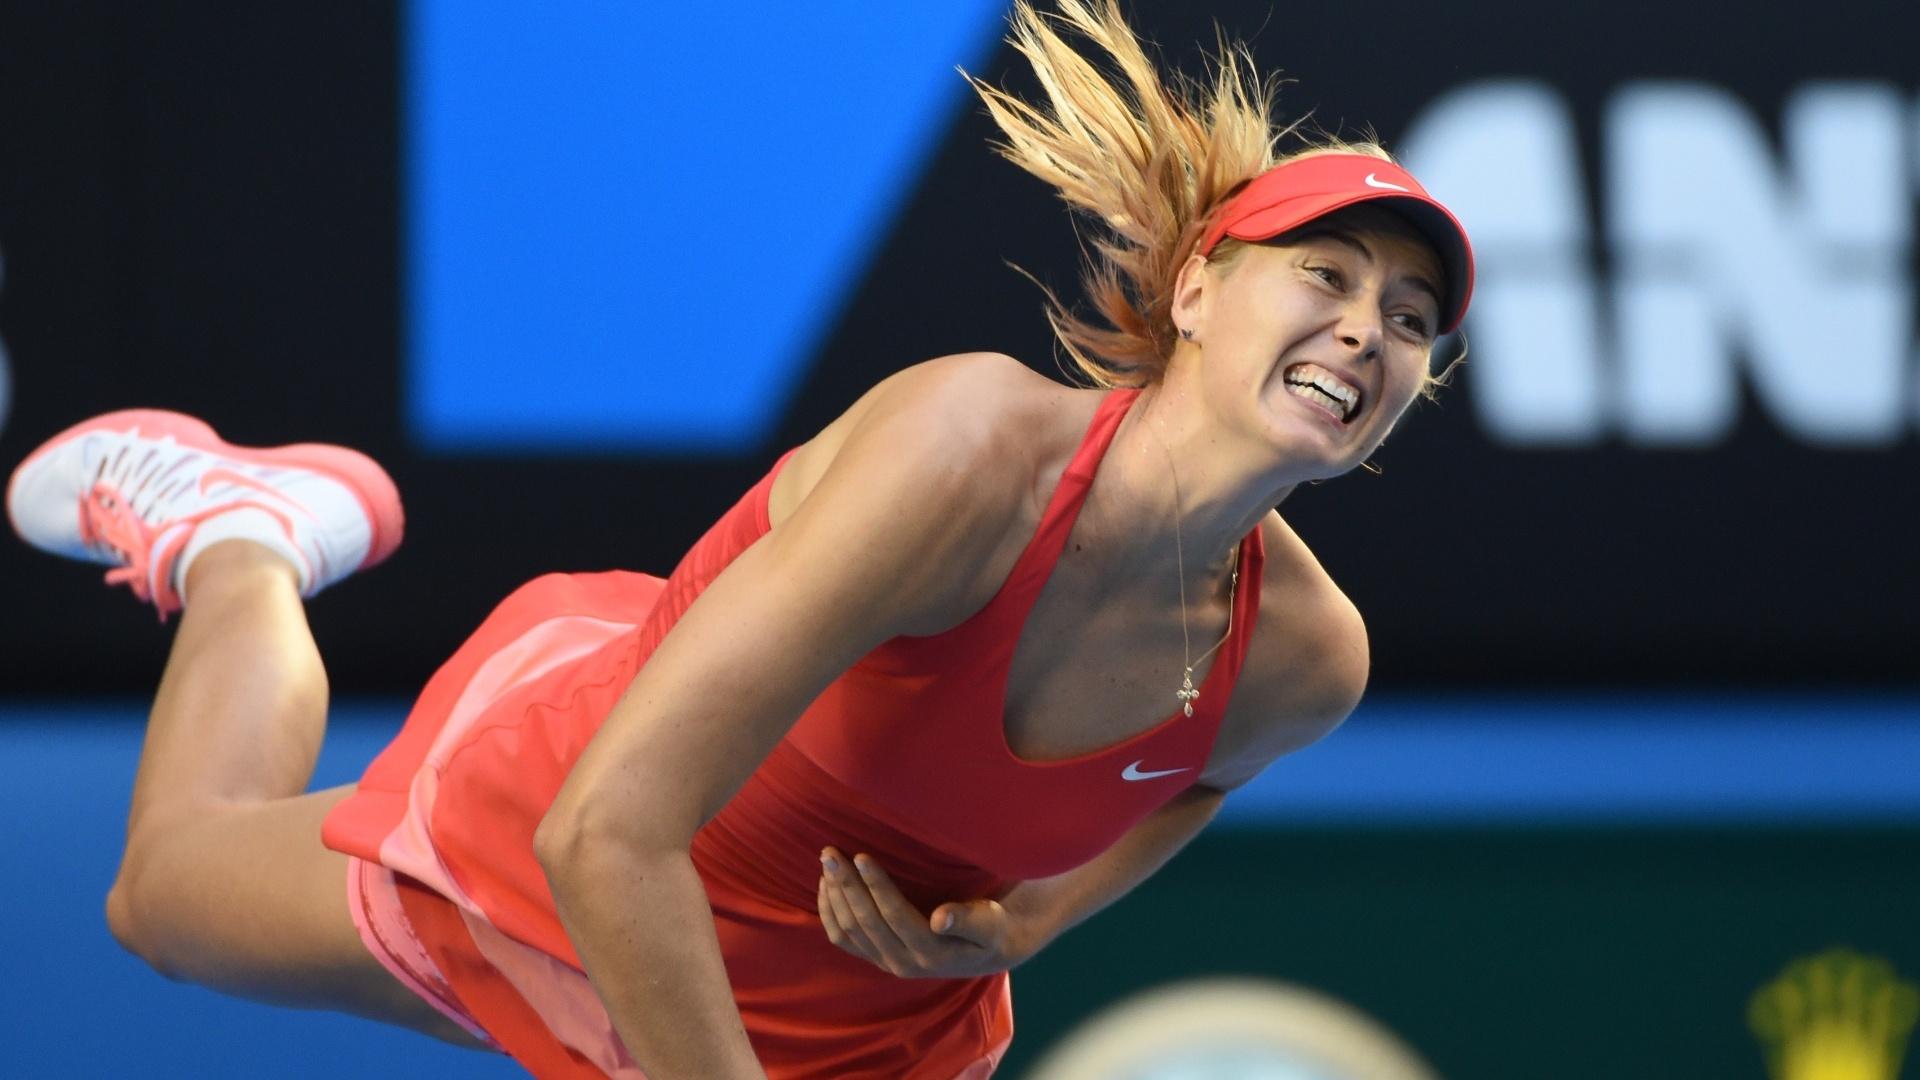 Maria Sharapova precisou de apenas 1h para derrotar a cazaque Zarina Diyas e avançar às oitavas de final